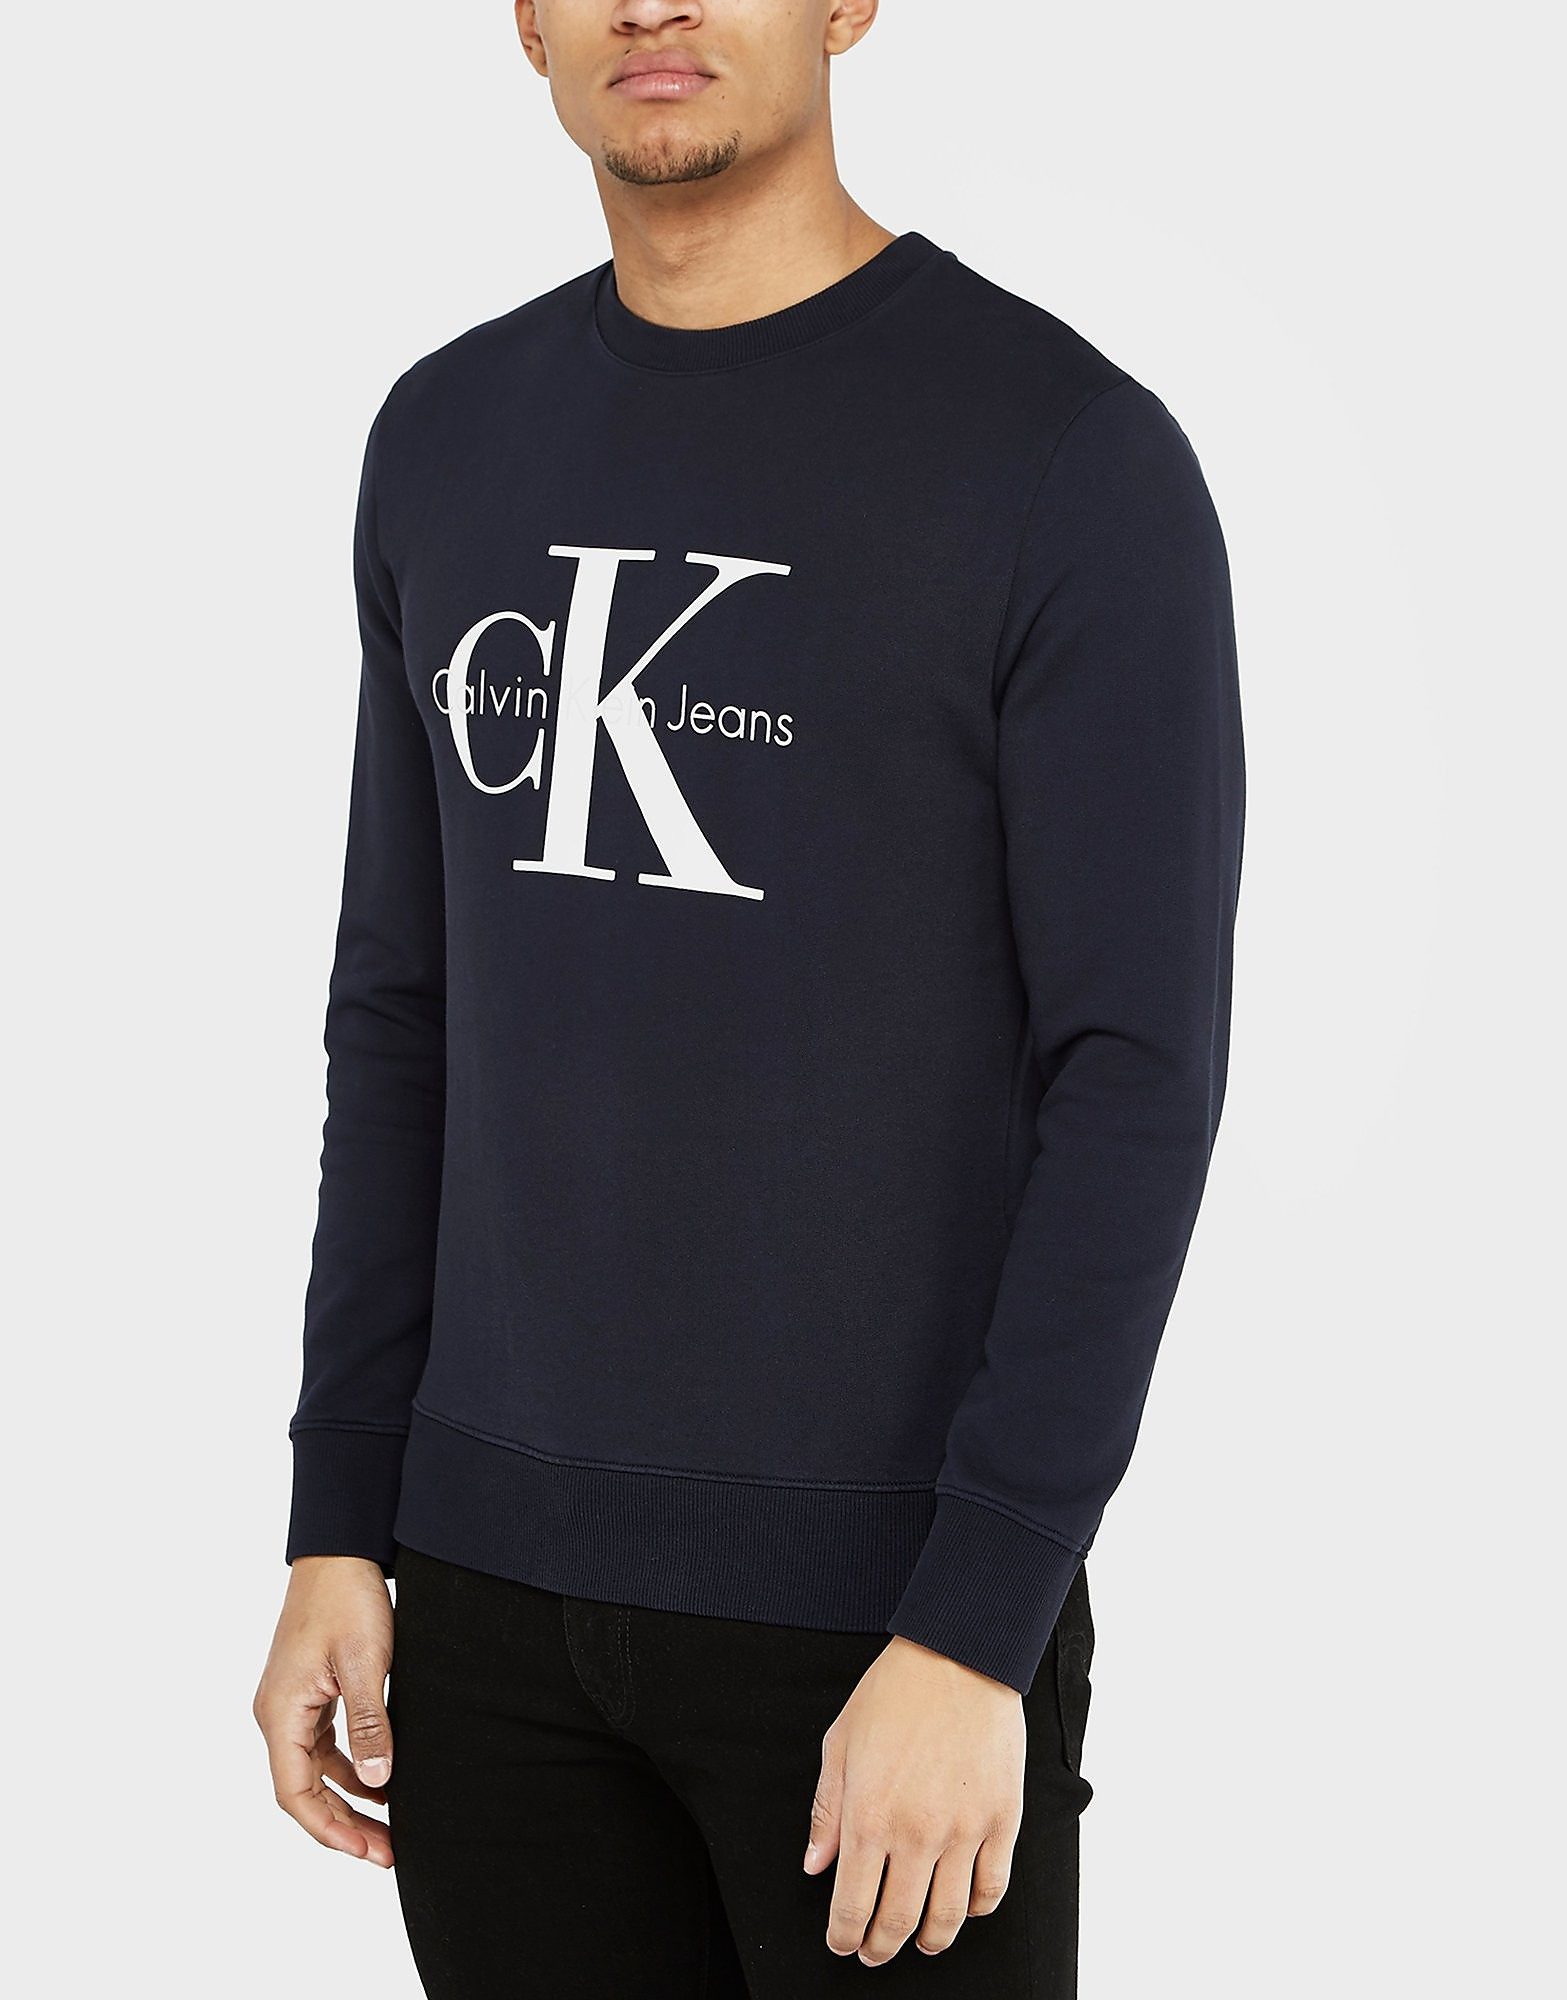 Calvin Klein Logo Sweatshirt  Navy Navy